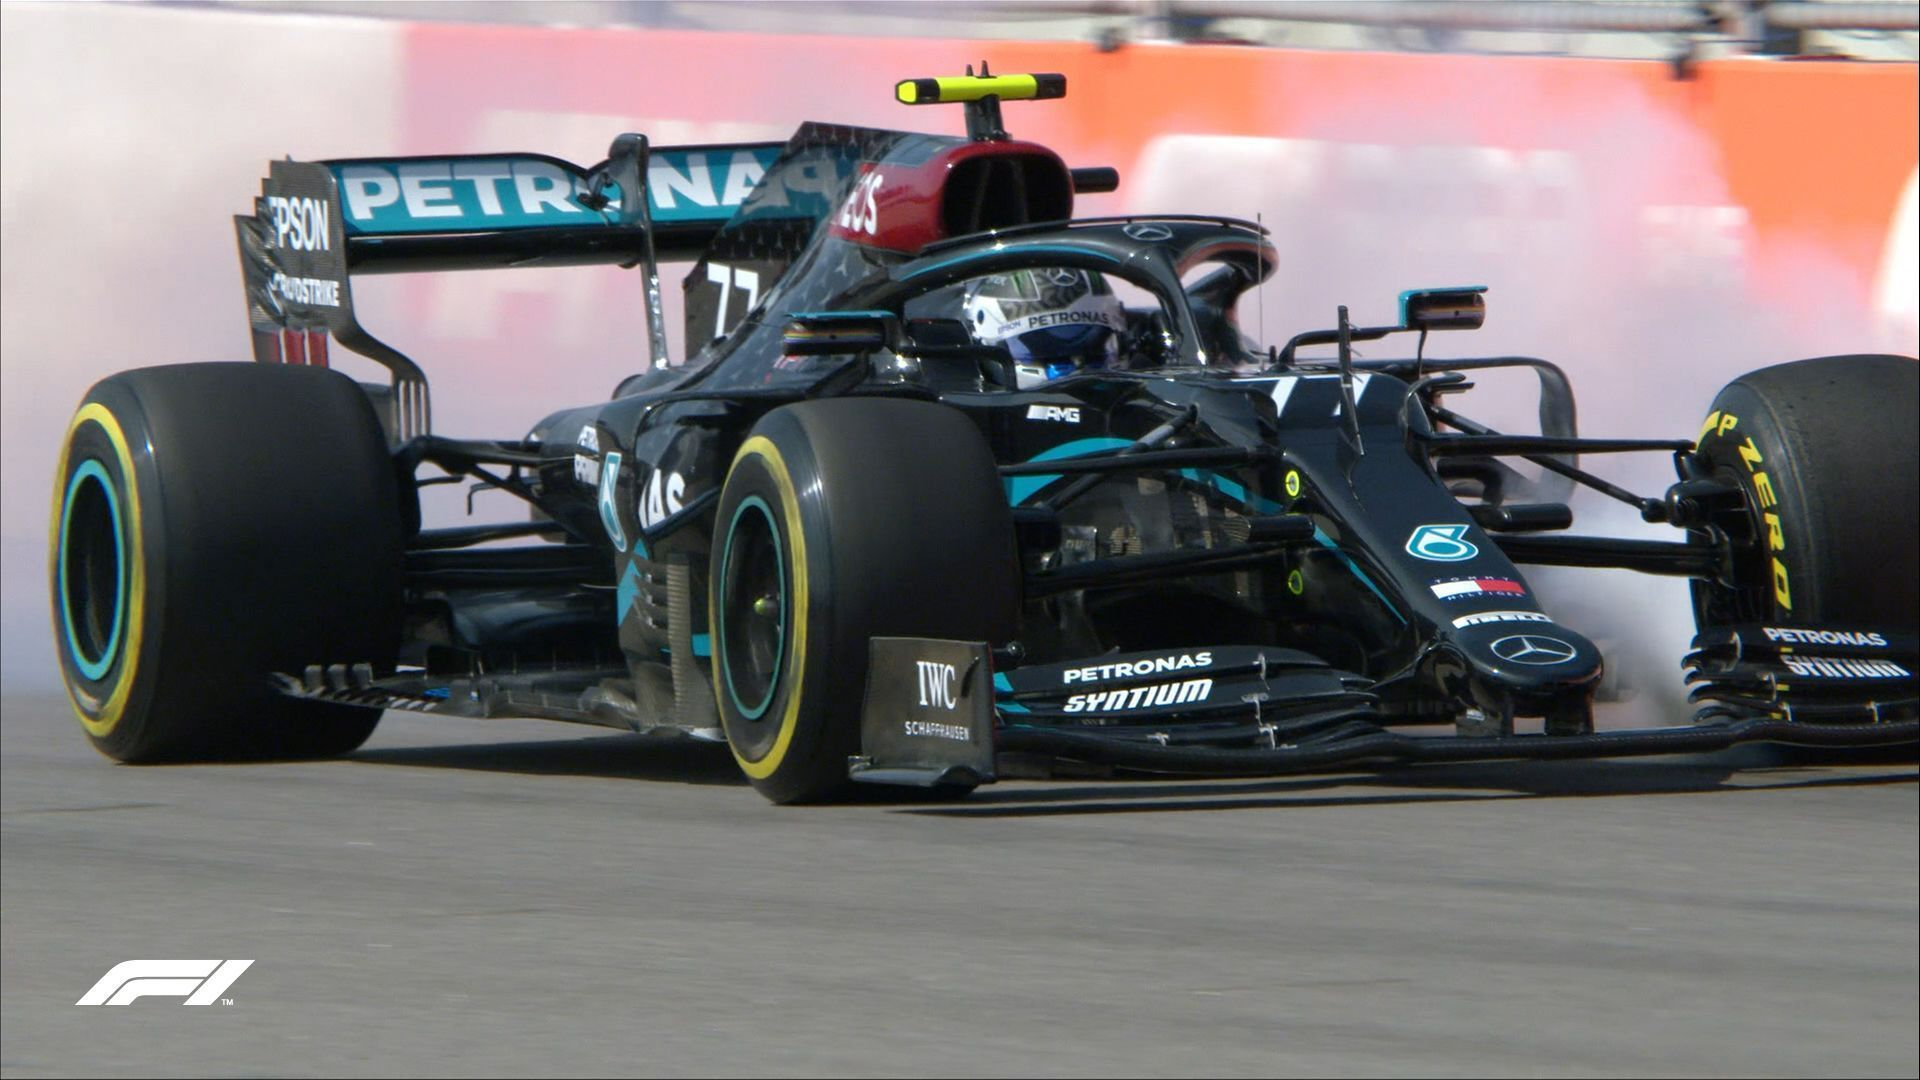 Russian GP, Valtteri Bottas